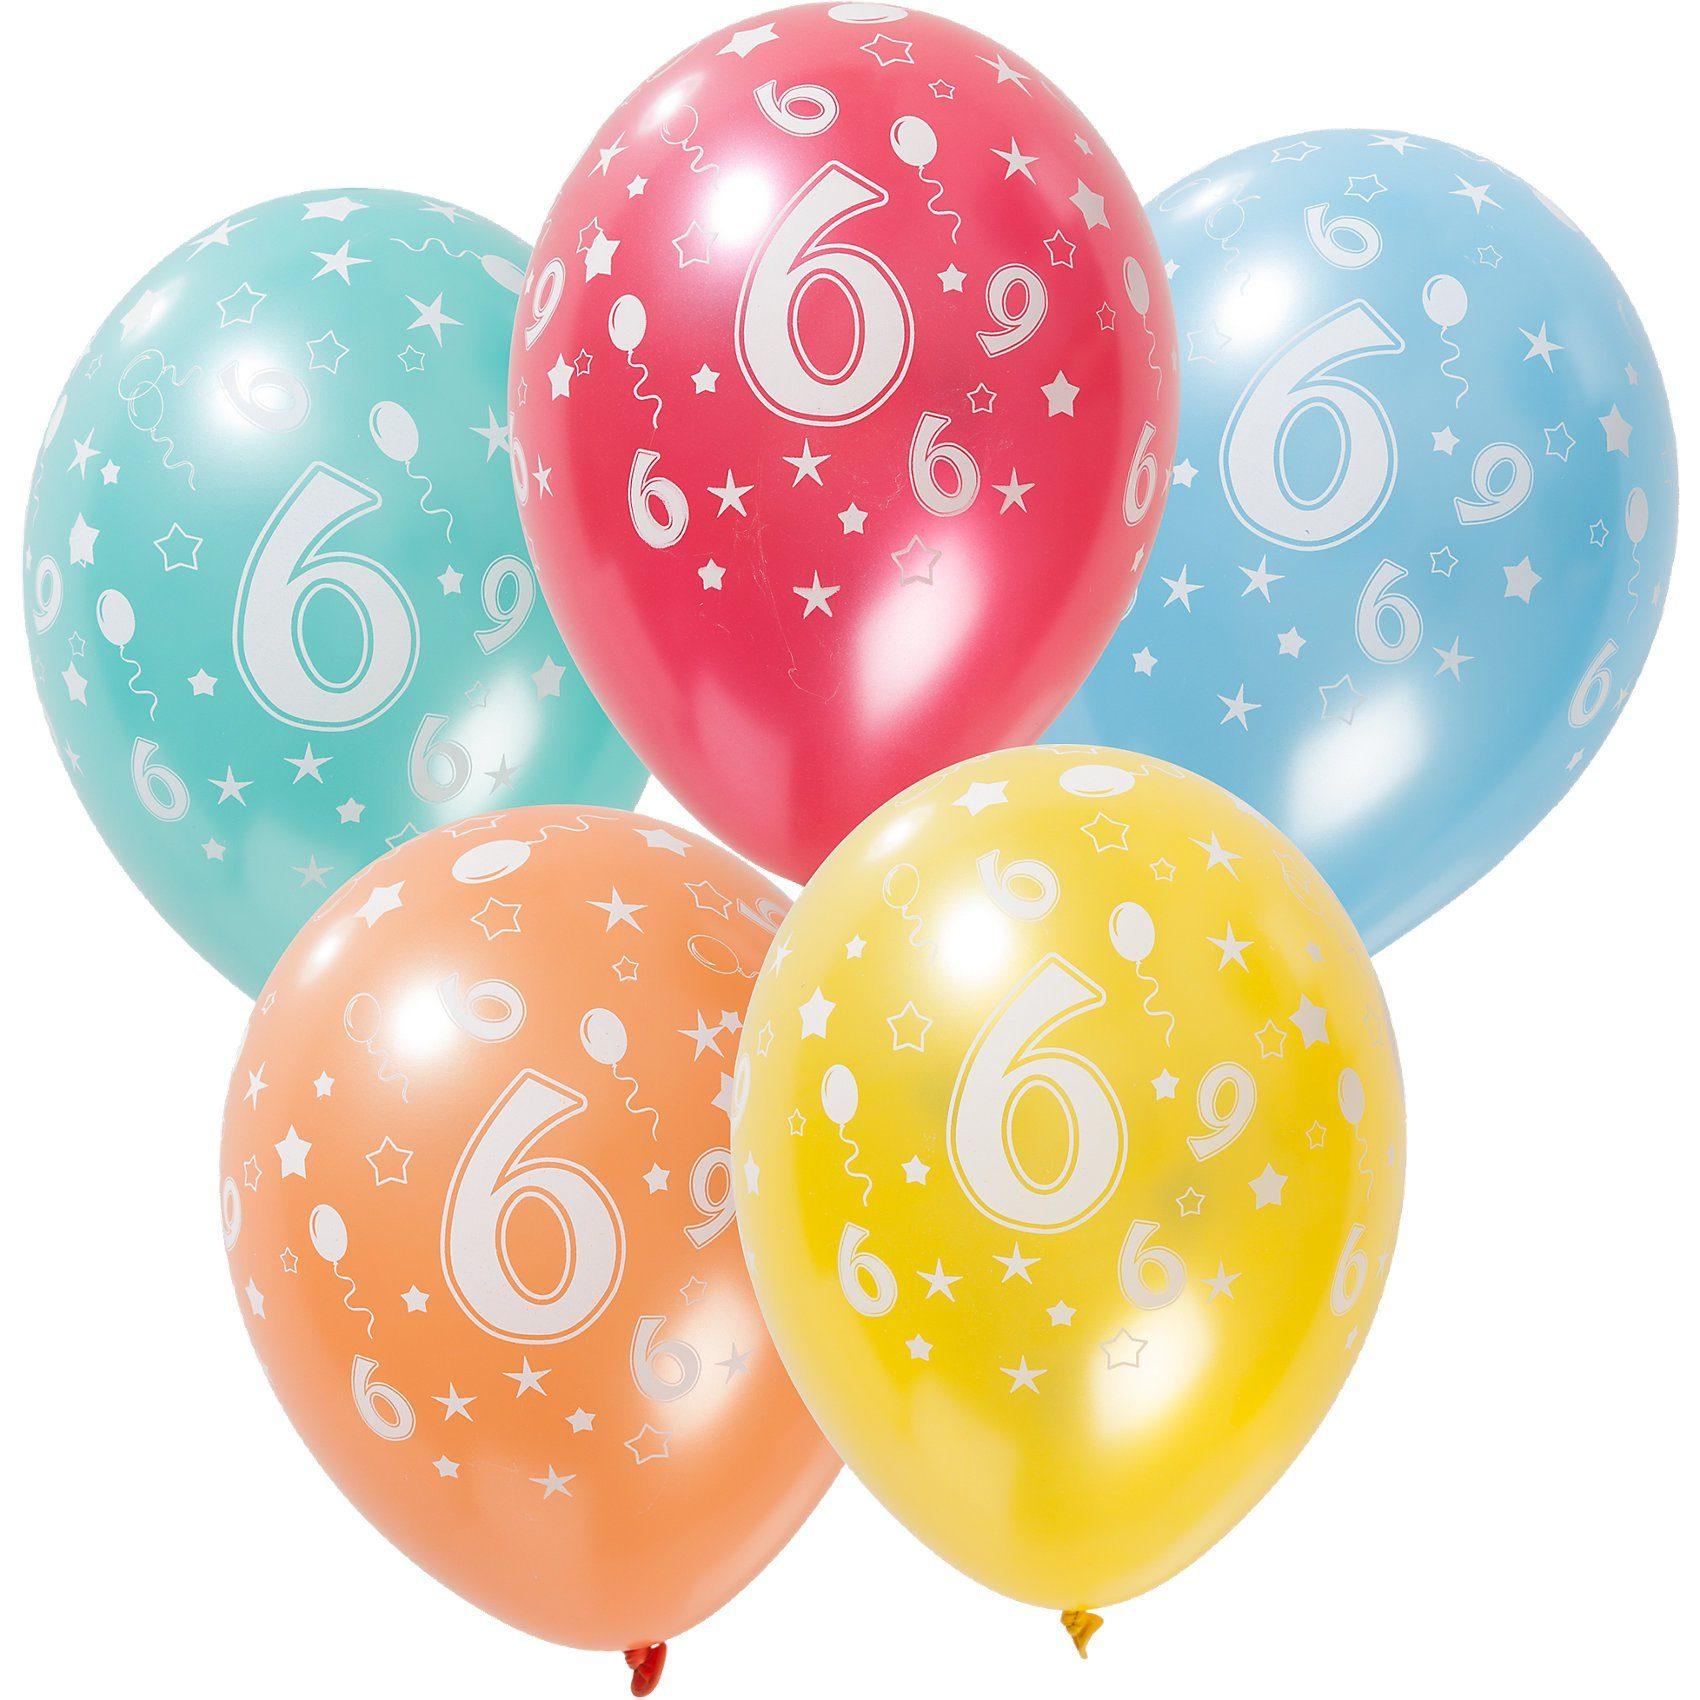 Zahlenluftballon 6, 5 Stück